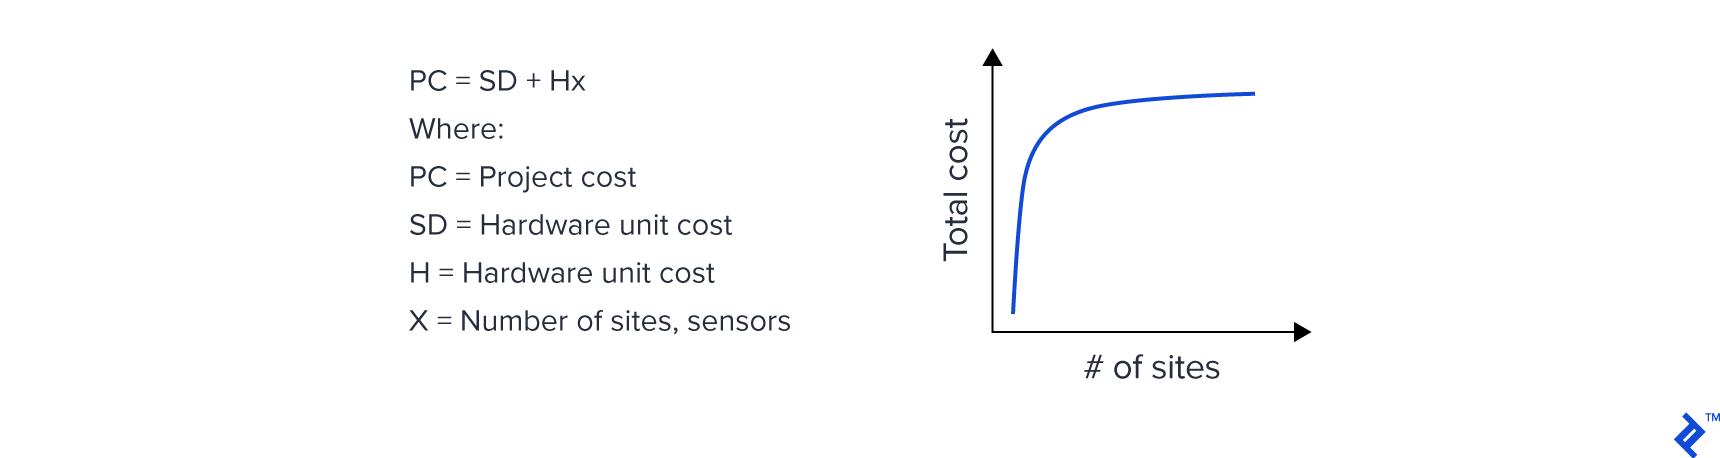 underlying economics of IoT